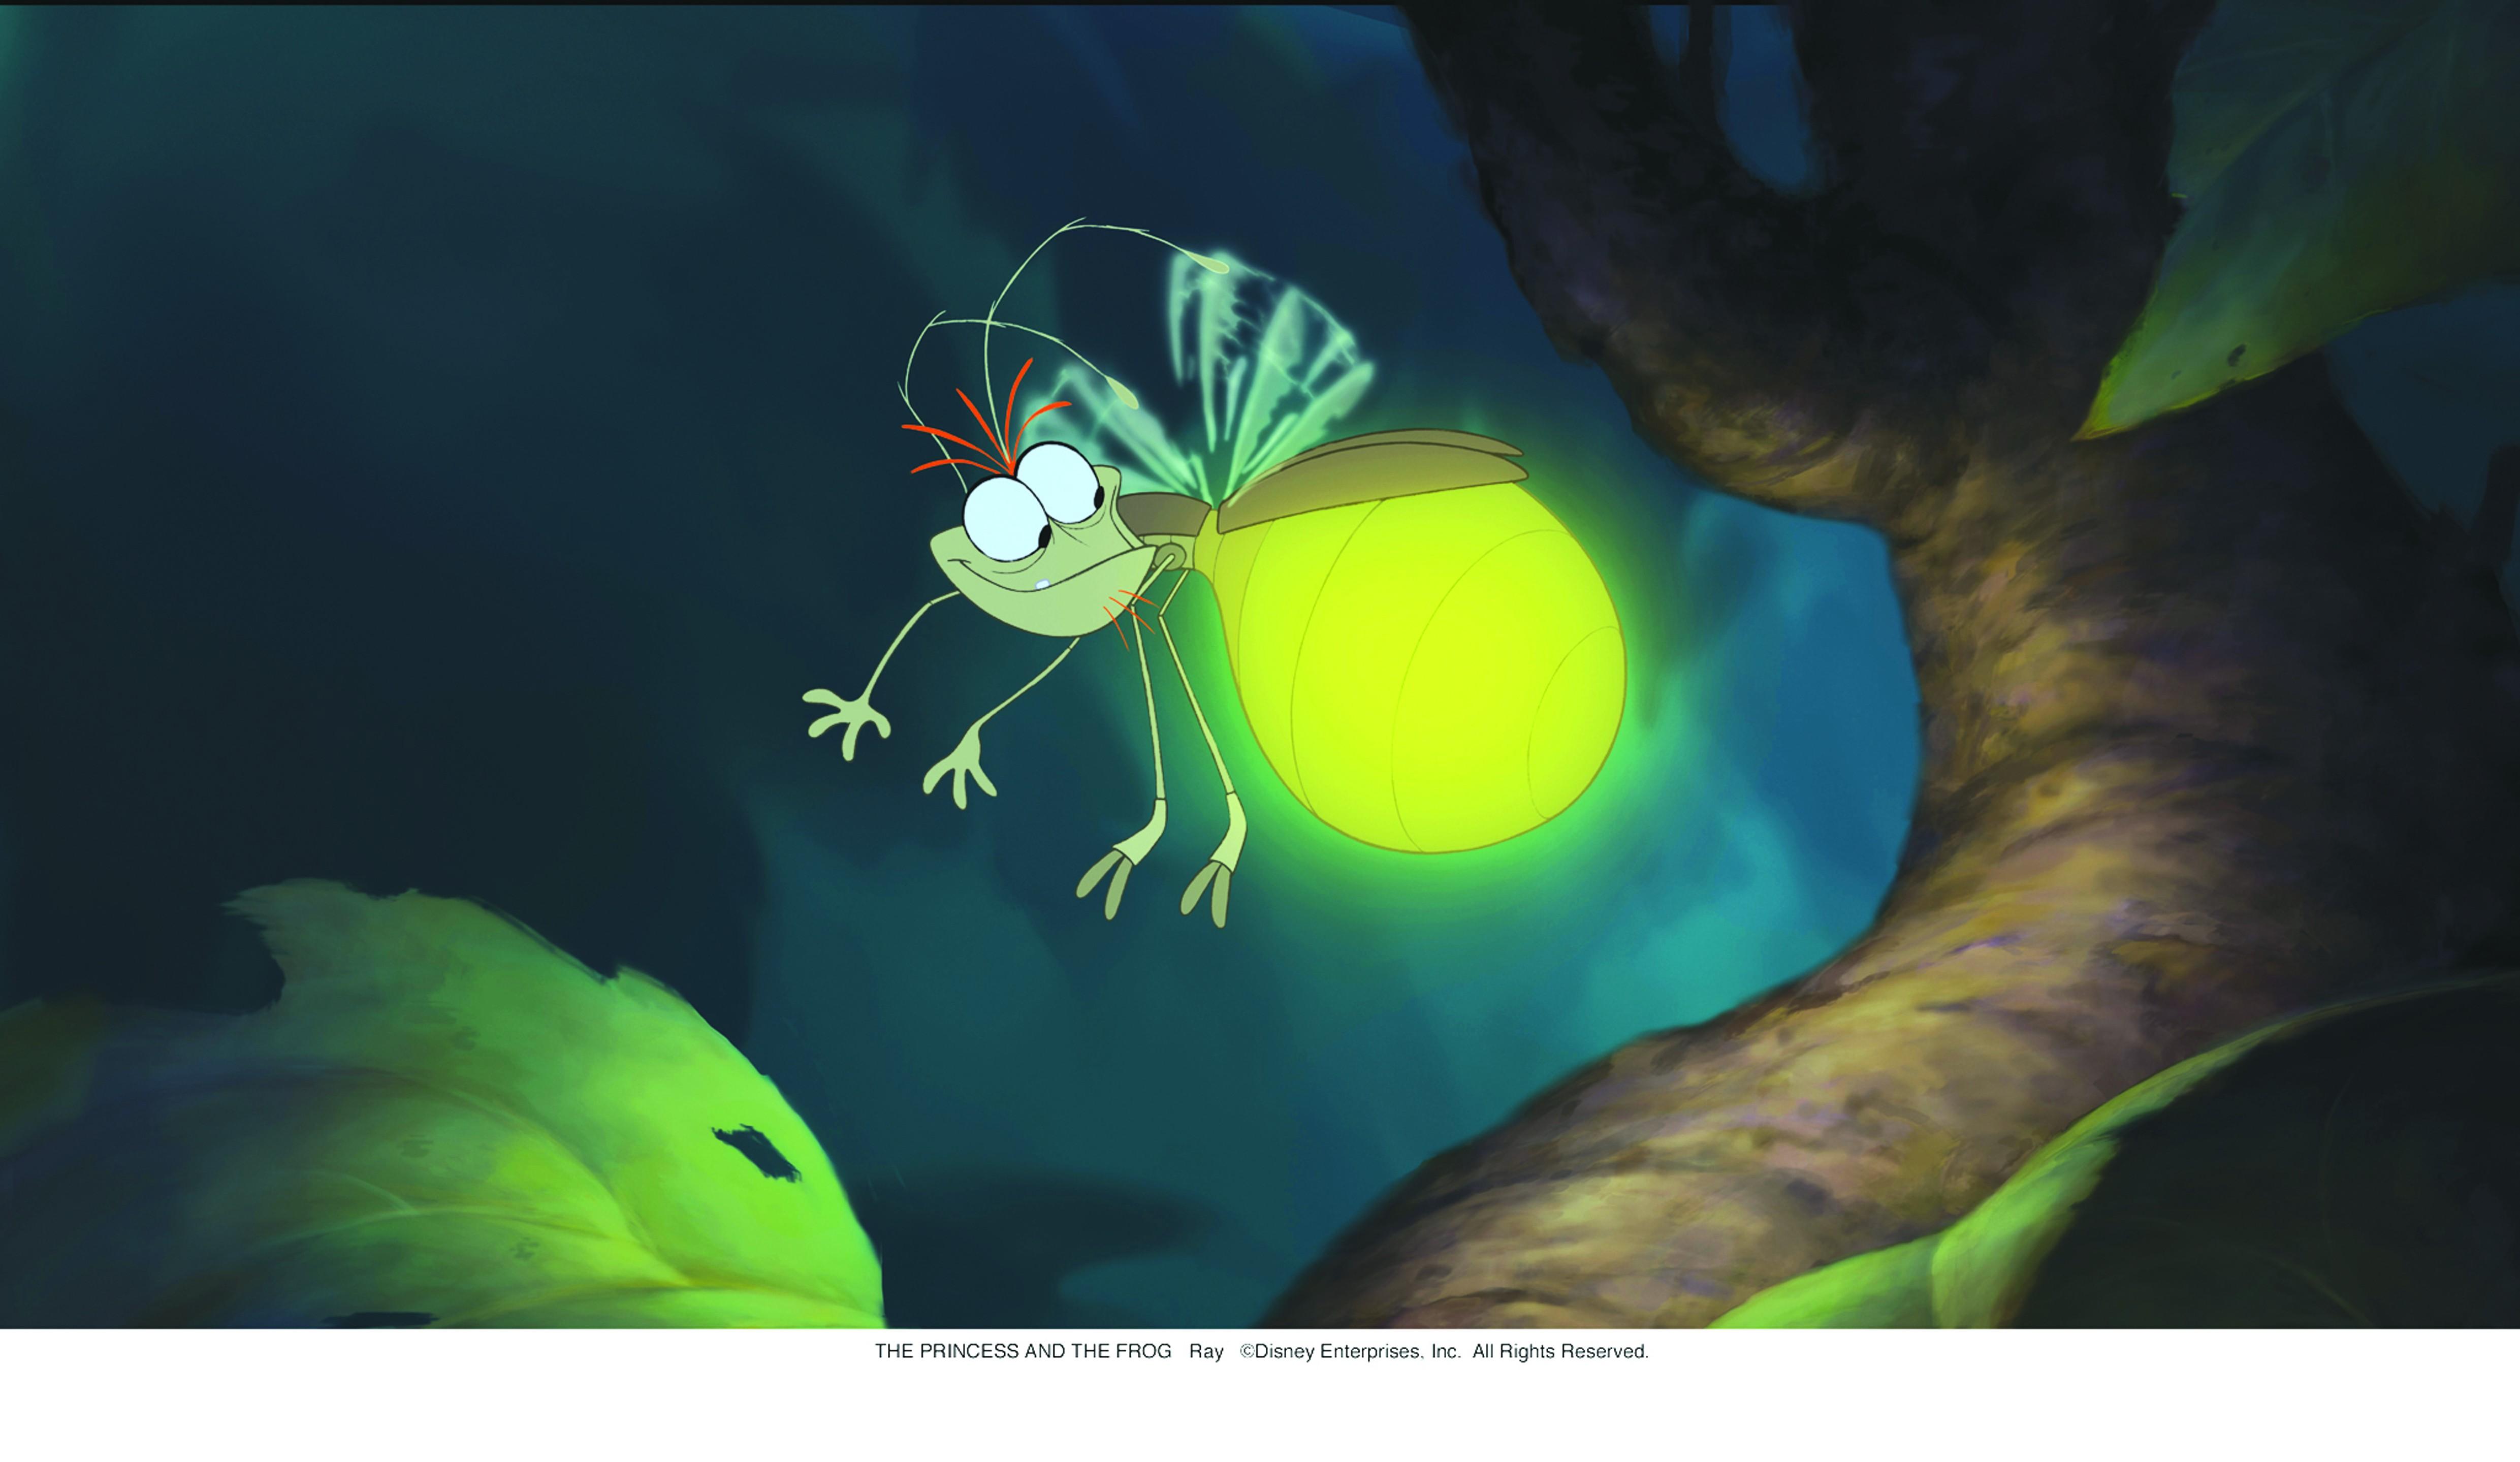 Wallpaper con la lucciola Ray del cartoon La principessa il ranocchio (2009)